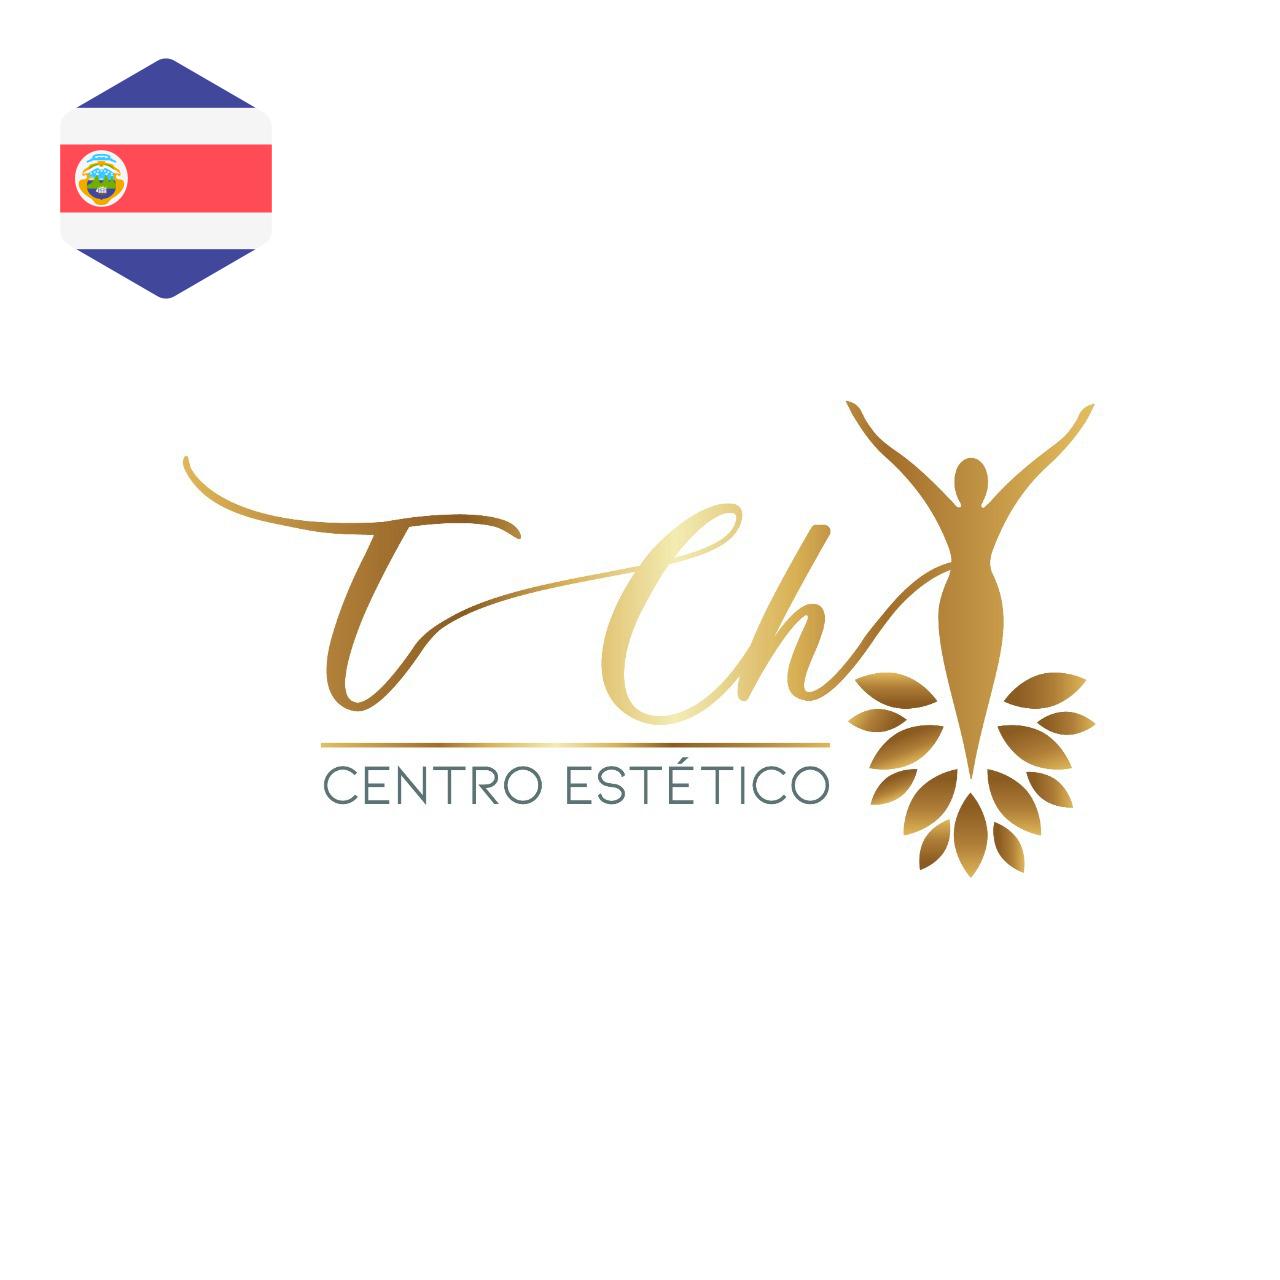 Centro Estético TCH